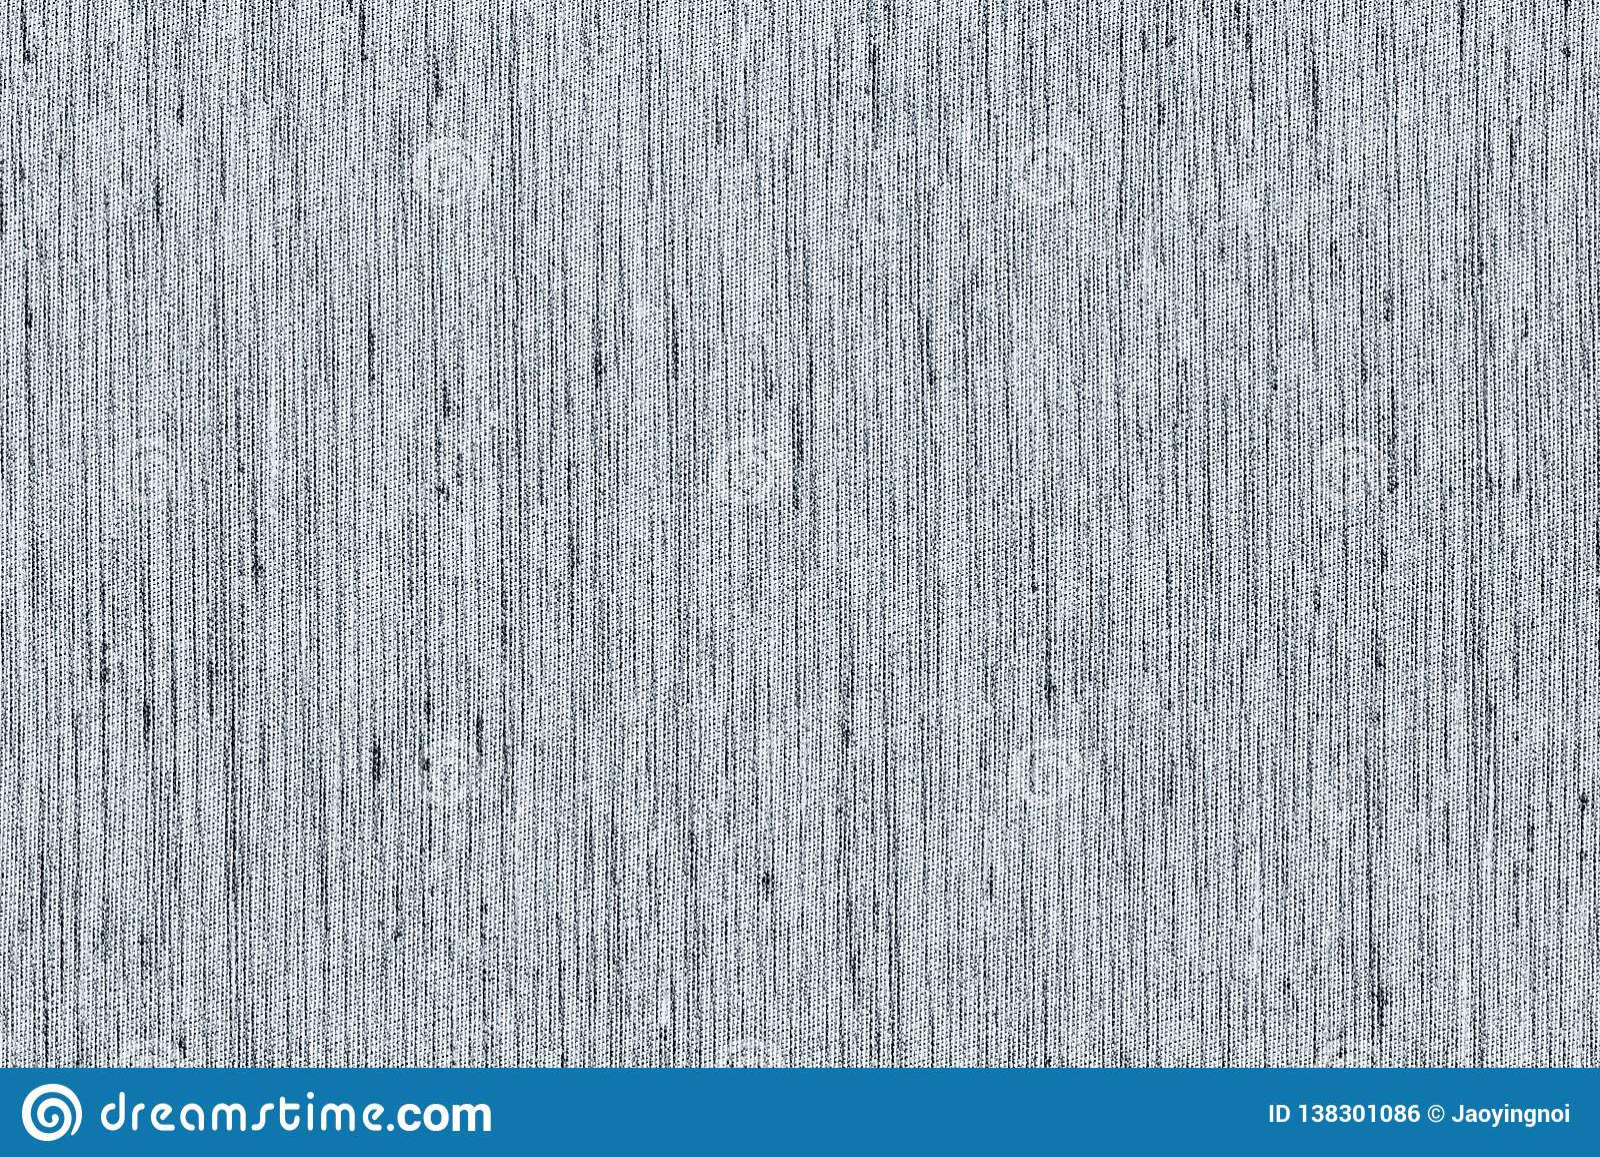 Zbliżenia czarny i biały lub jasnopopielaty kolor tkaniny próbki tekstury tło Jasnopopielaty pasek linii tkaniny wzoru projekt lu